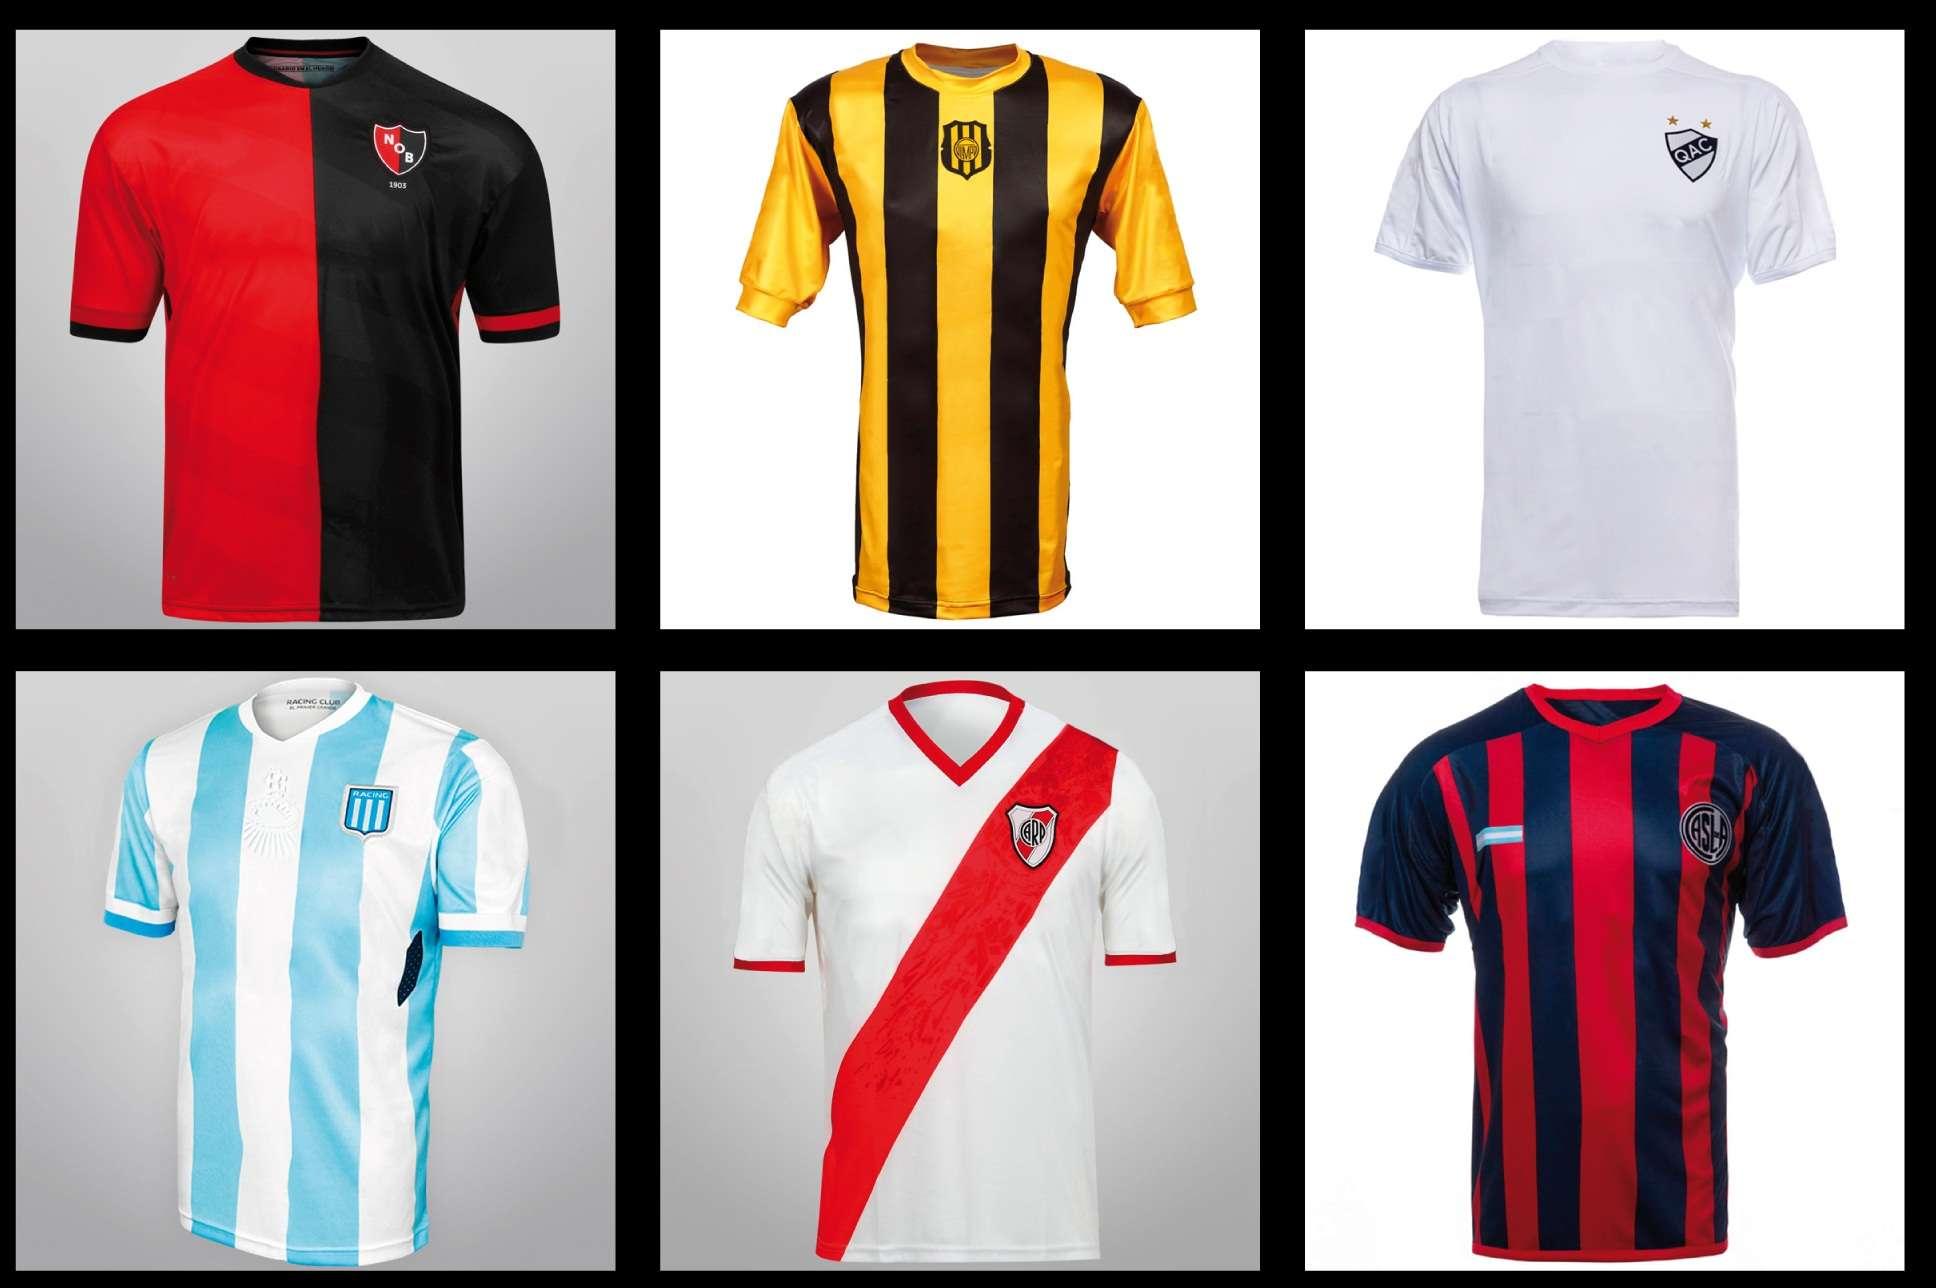 Fútbol argentino: así serían las camisetas sin publicidad Foto: lacasaca.com/Web